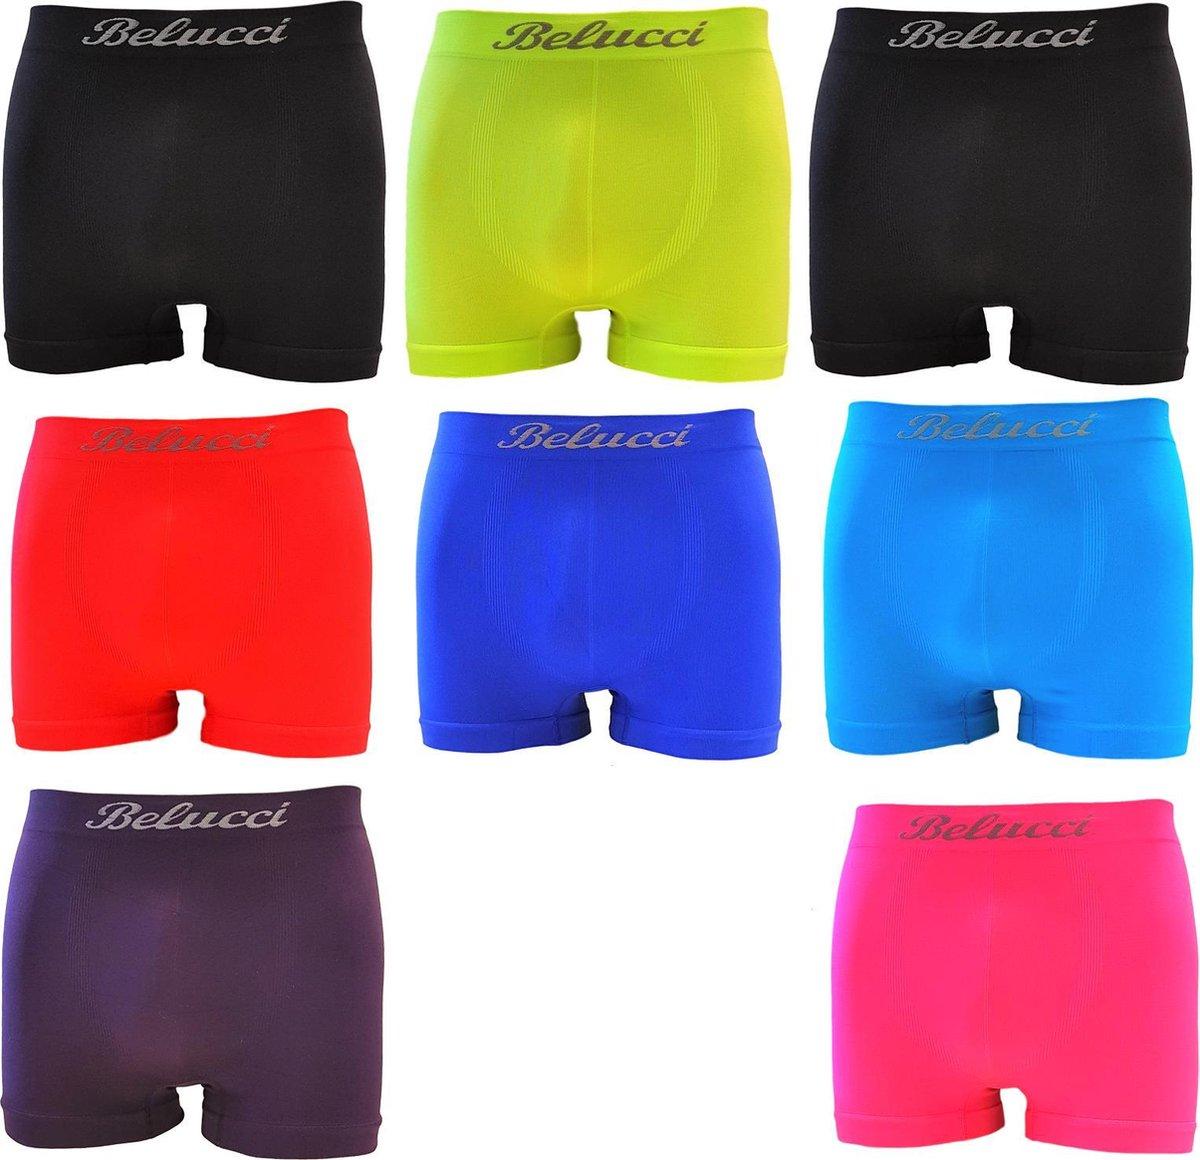 Belucci Microfiber Heren Boxershort - 8-pack - Trendy Kleuren Maat M/L